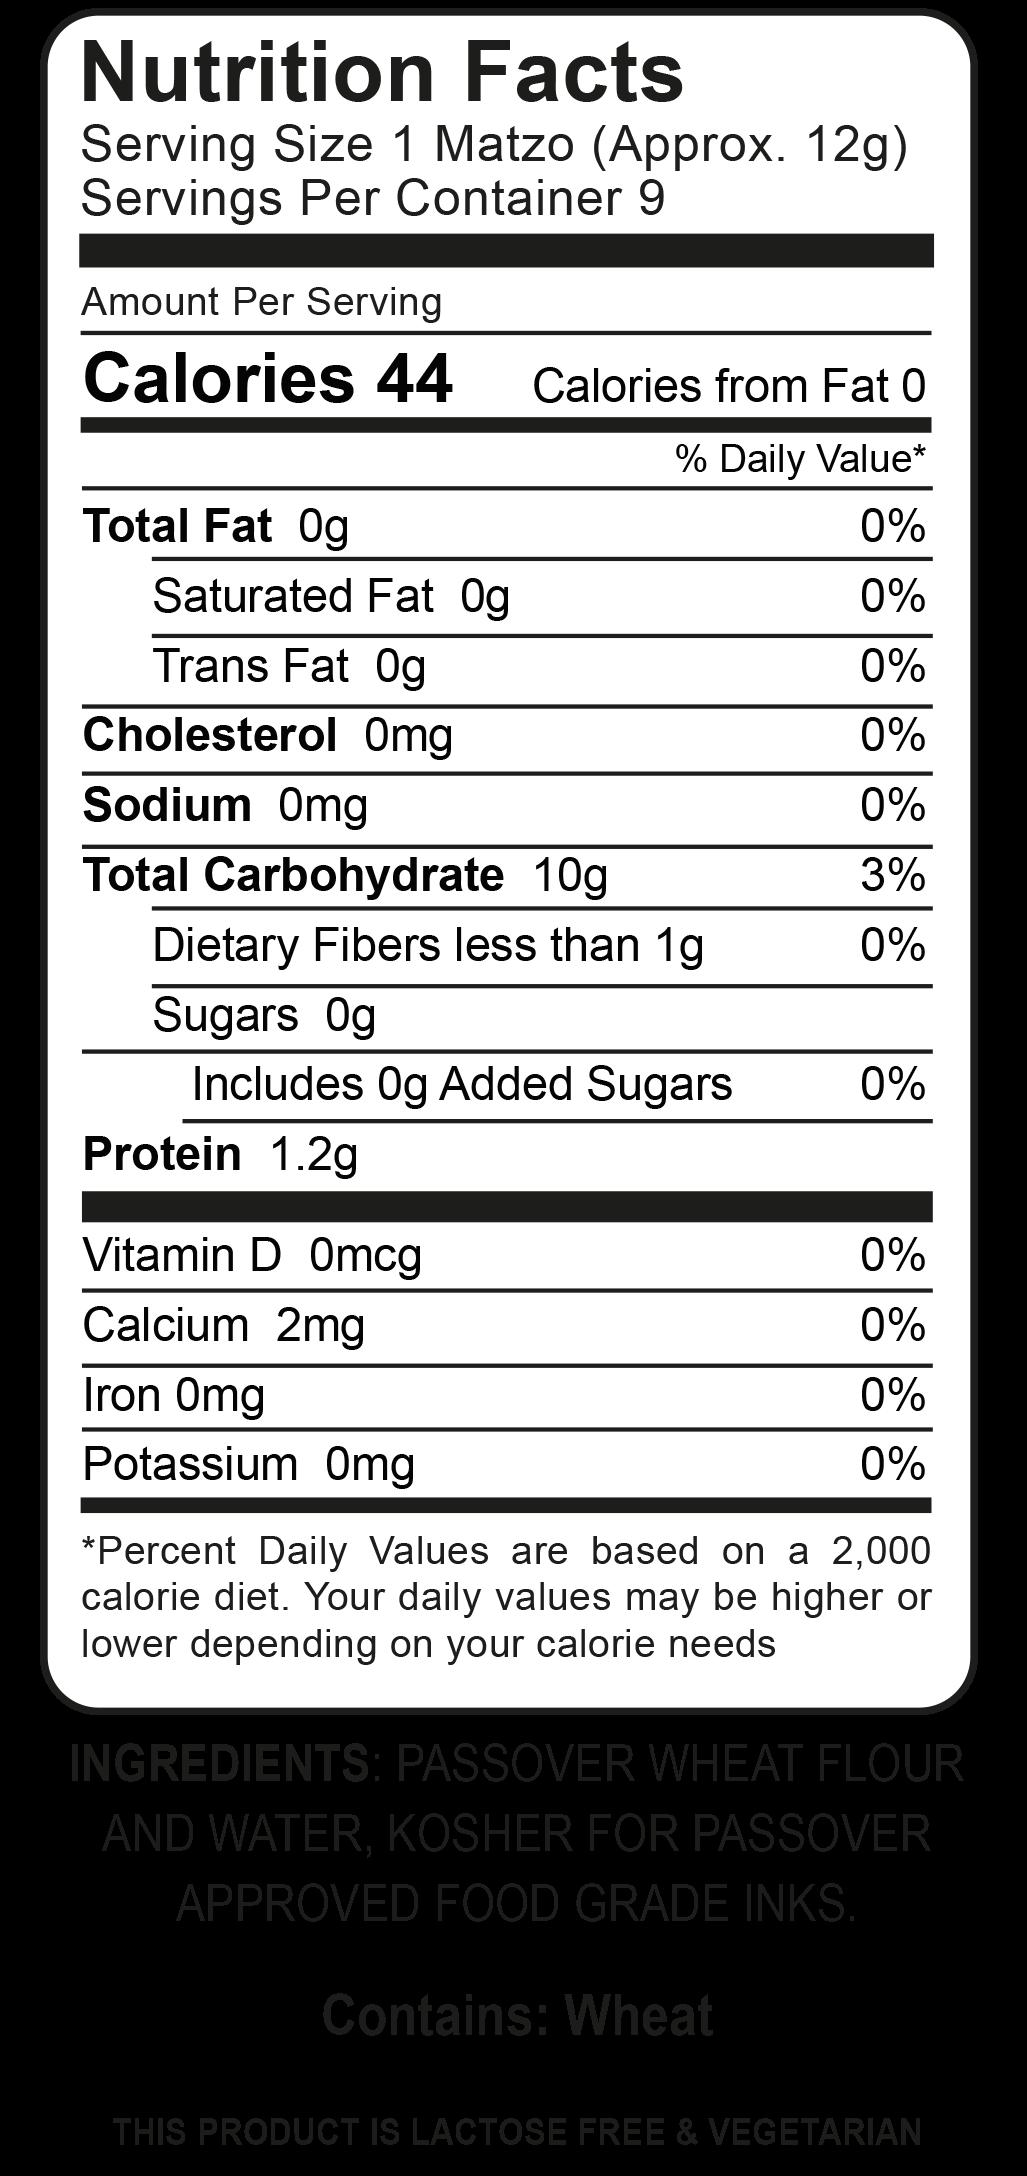 Ingredients matzohgram all matzos. Passover clipart transparent